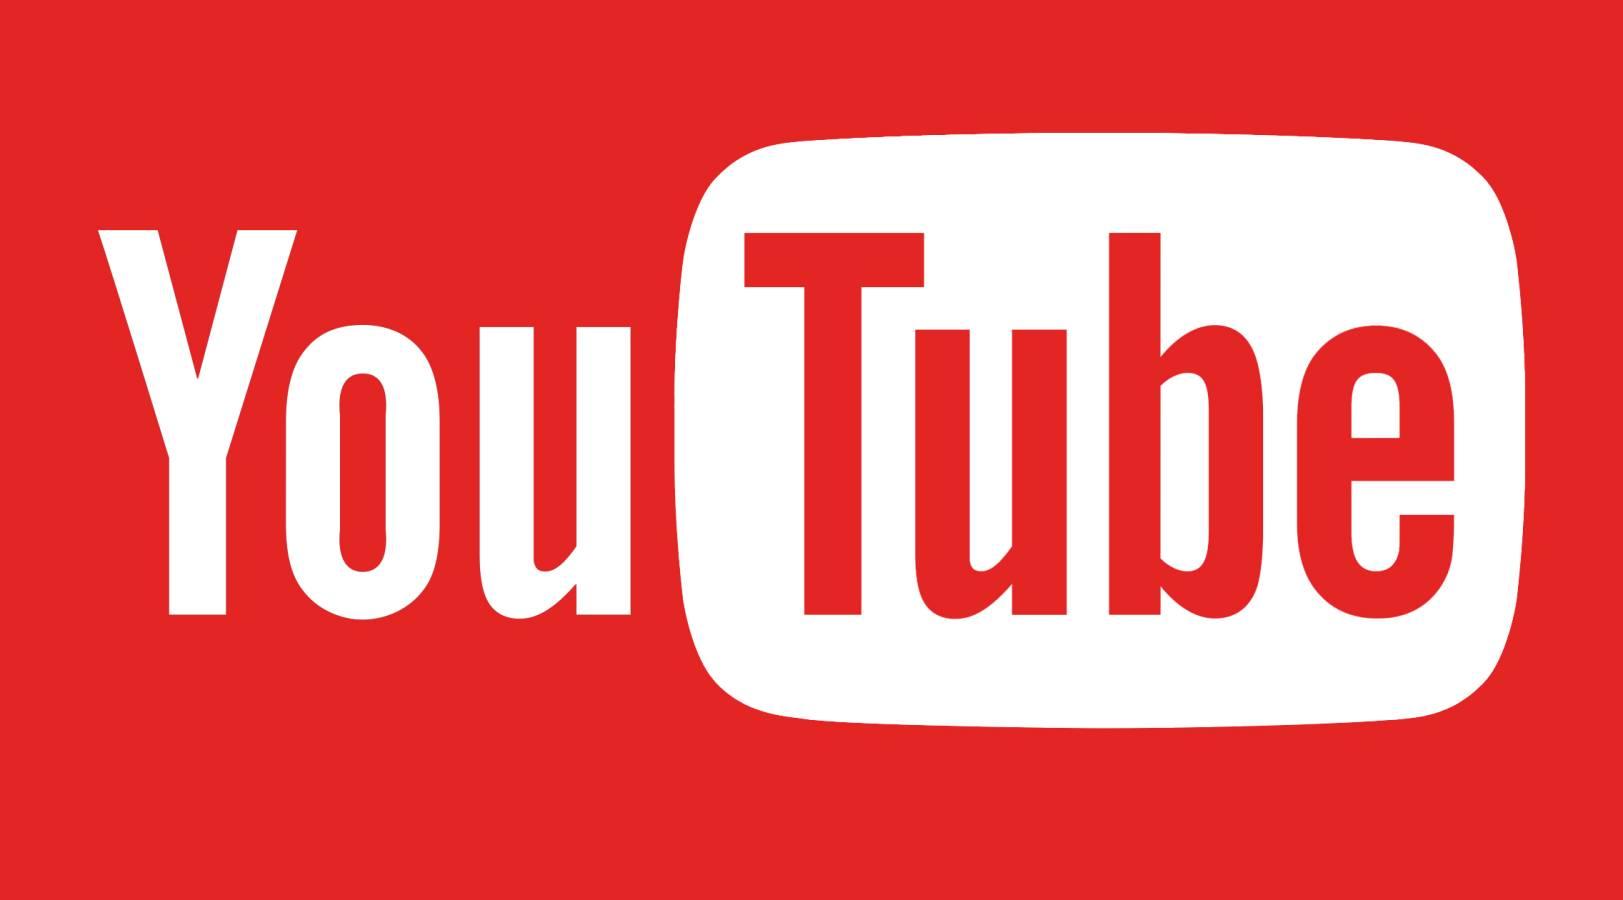 YouTube Aplicatia pentru Telefoane Tablete fost actualizata astazi